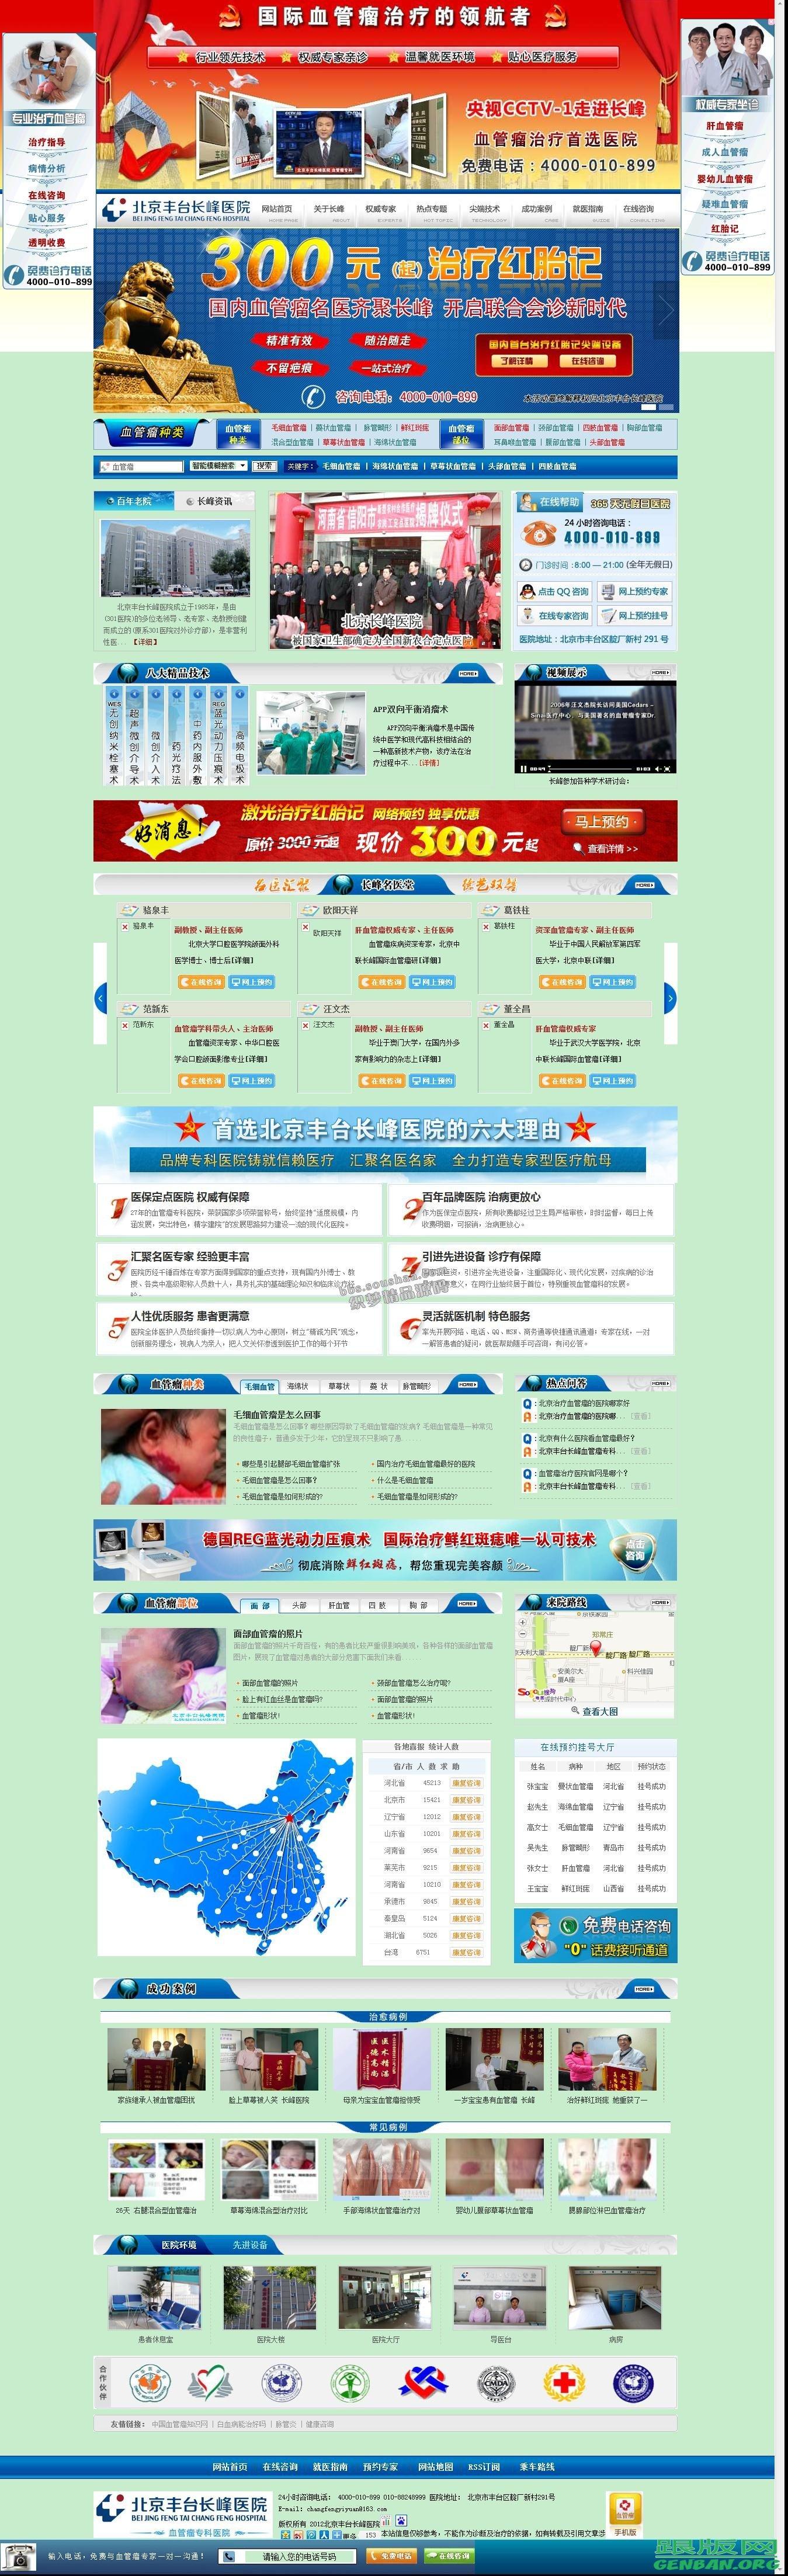 北京长峰医院网站源码_dedecms医院网站源码免费下载